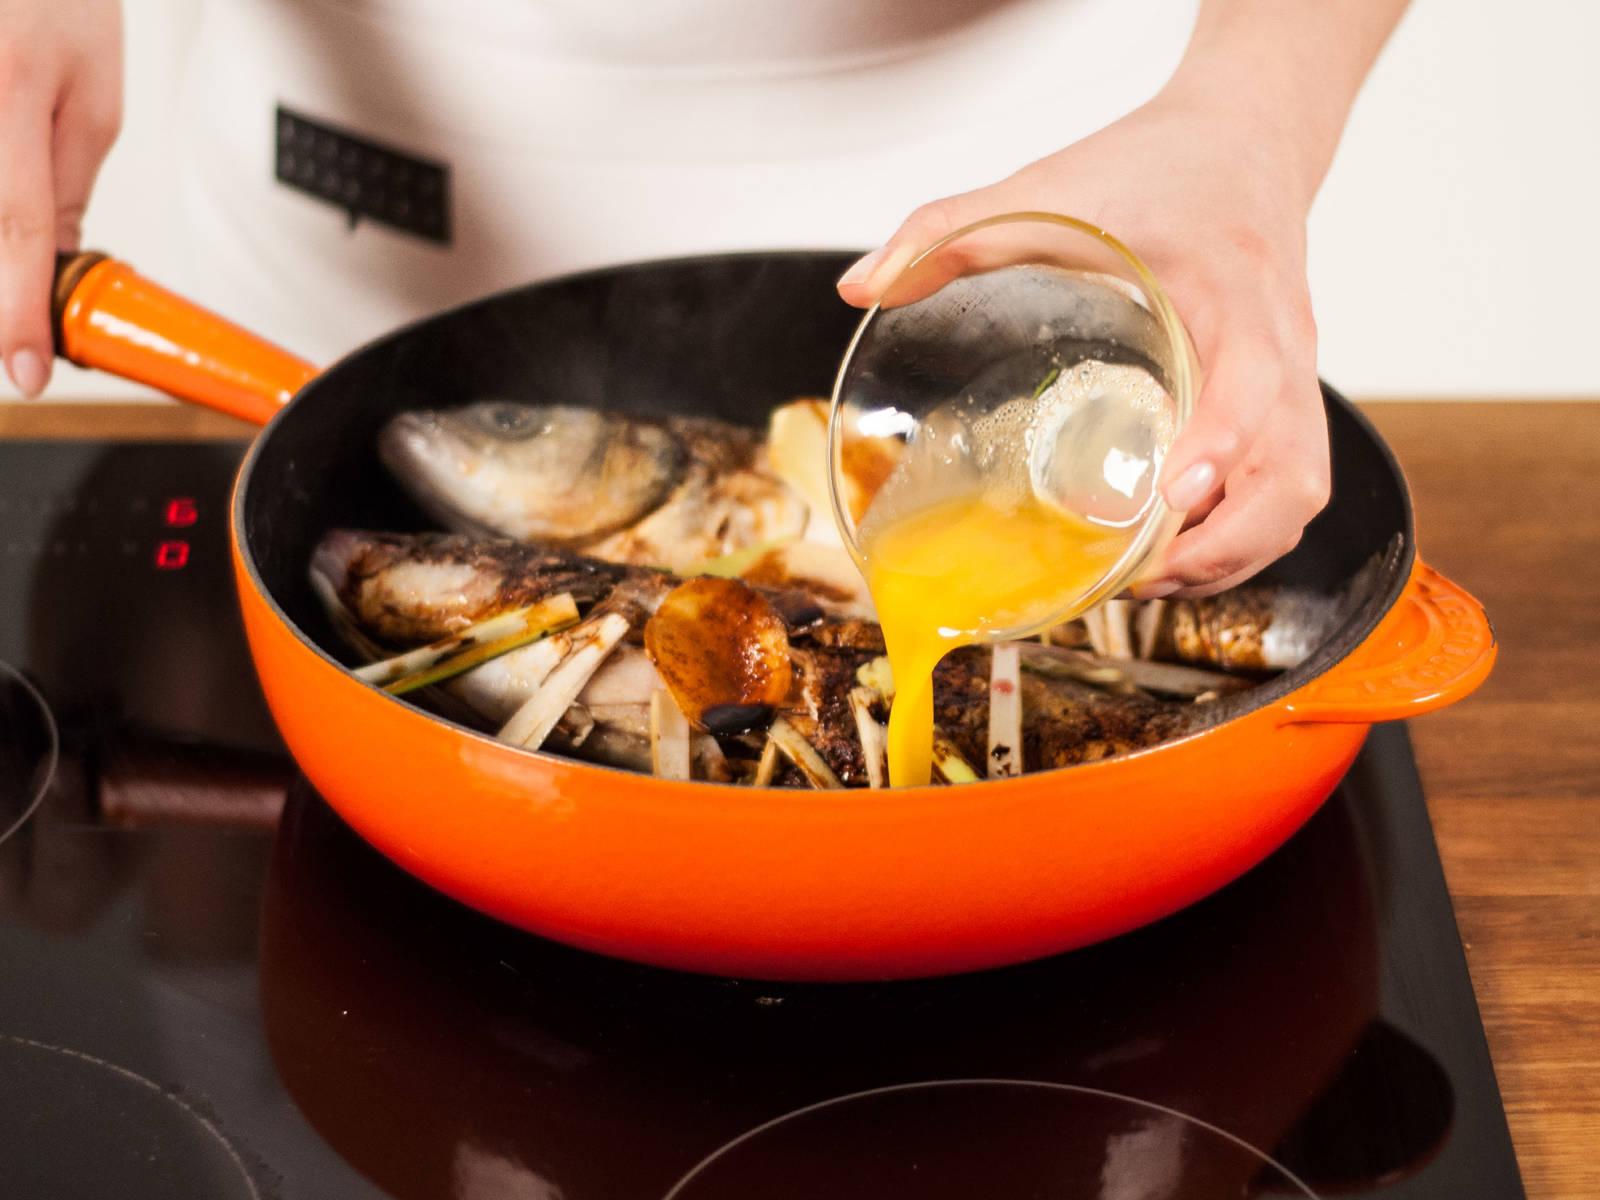 将剩余的蛋液倒入煎锅,煮2-3分钟后关火。将鱼和鸡蛋盛入盘中,撒上葱丝,佐以汤汁趁热享用。